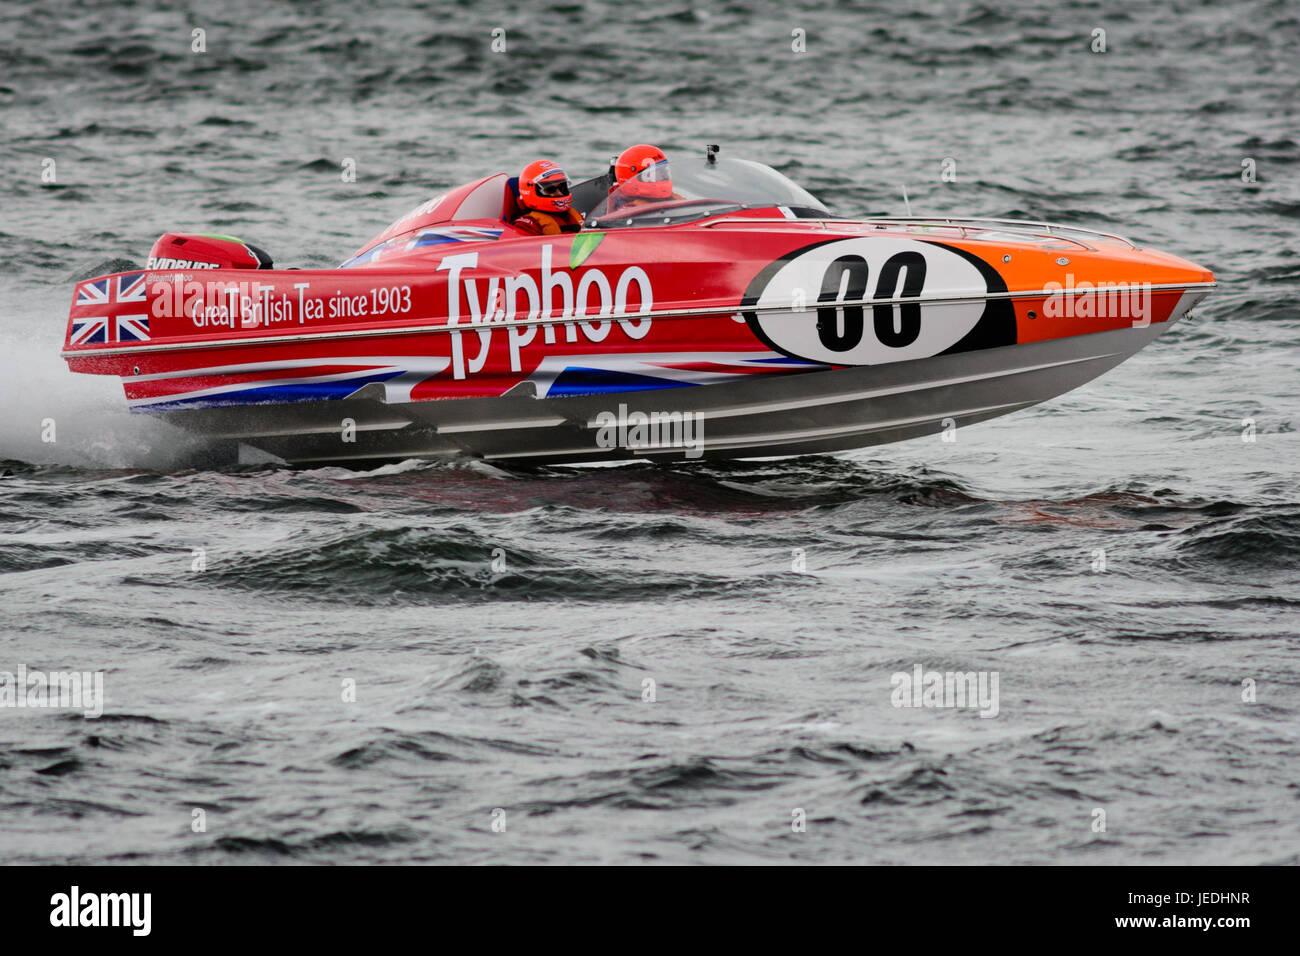 """P1 Superstock powerboat"""" Racing de la Explanada, Greenock, Escocia, el 24 de junio de 2017. 00 Typhoo barco impulsado Foto de stock"""